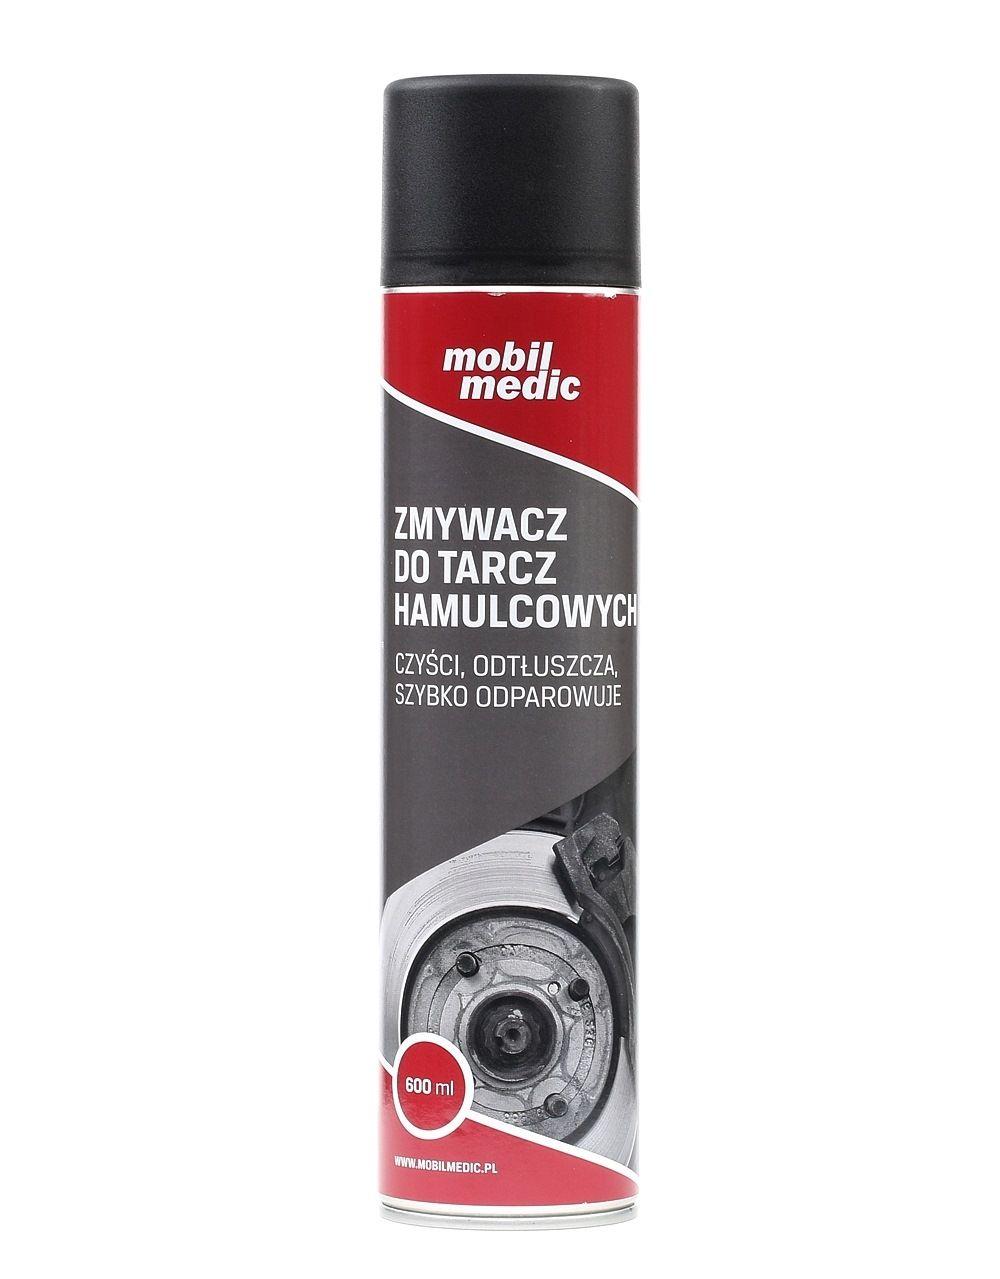 Fék- / kuplung tisztító MOBIL MEDIC GMNZTH06 értékelés